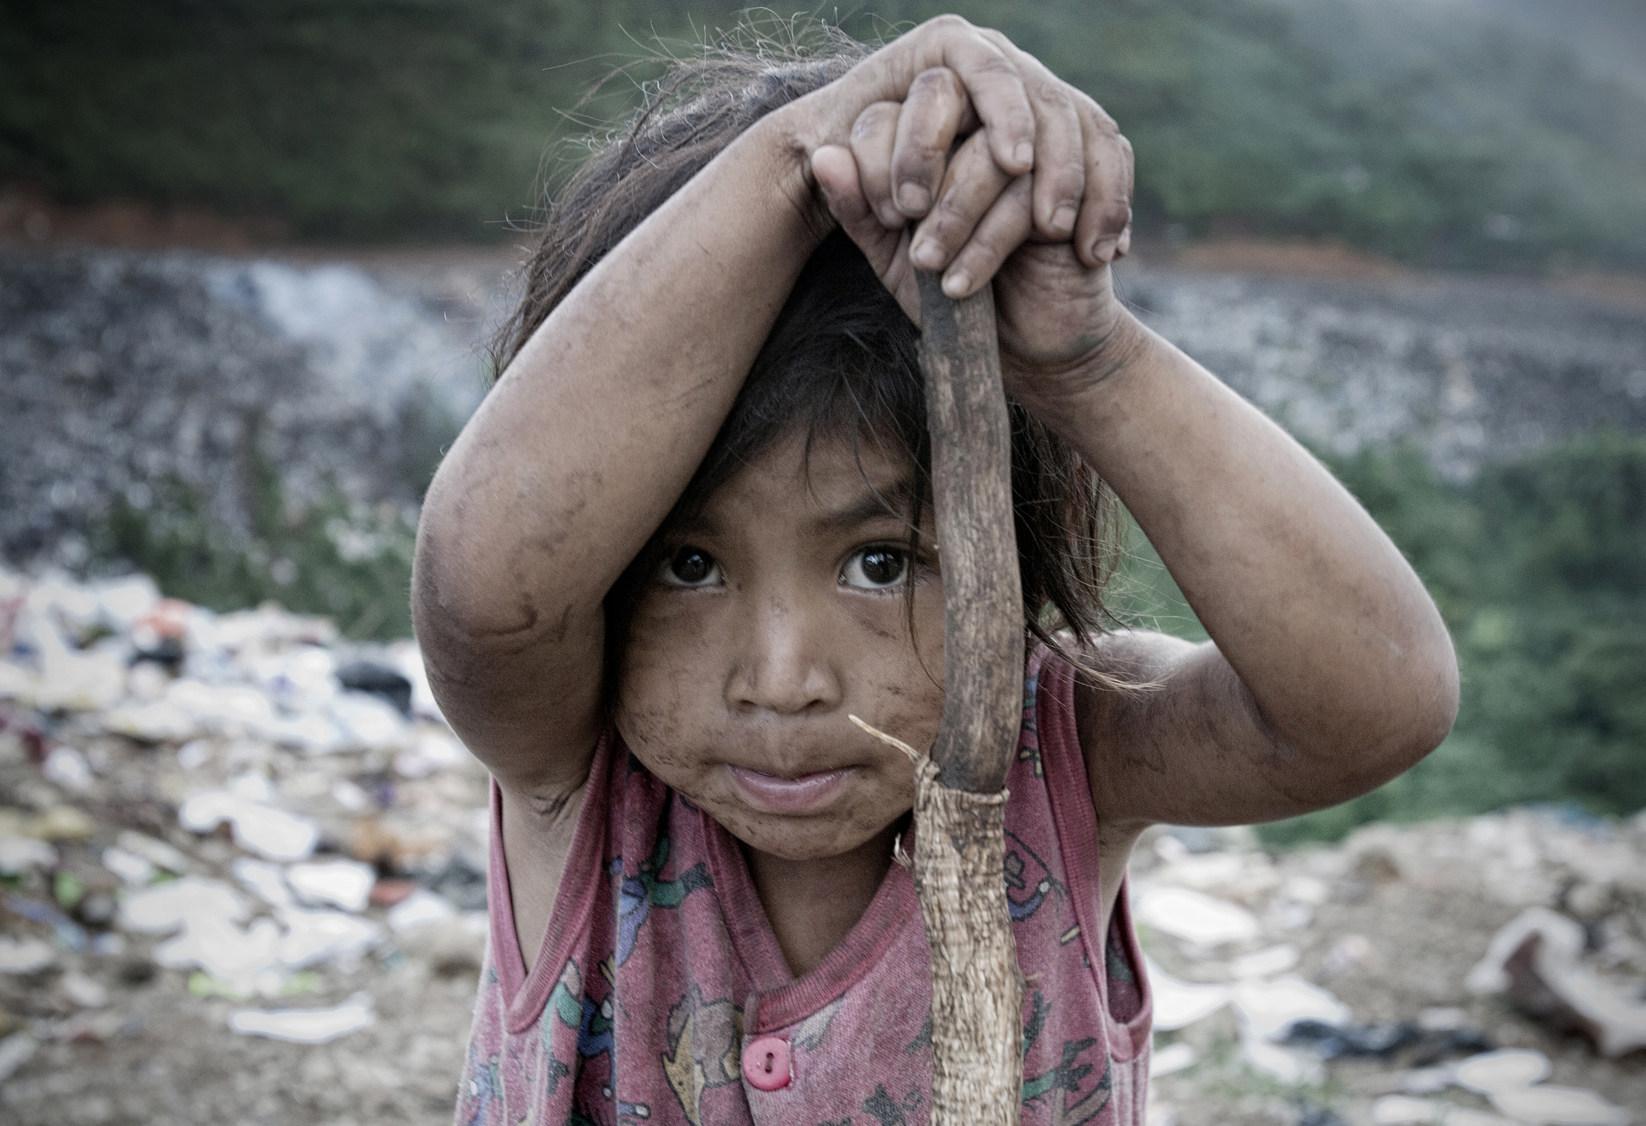 la pobreza acorta la vida